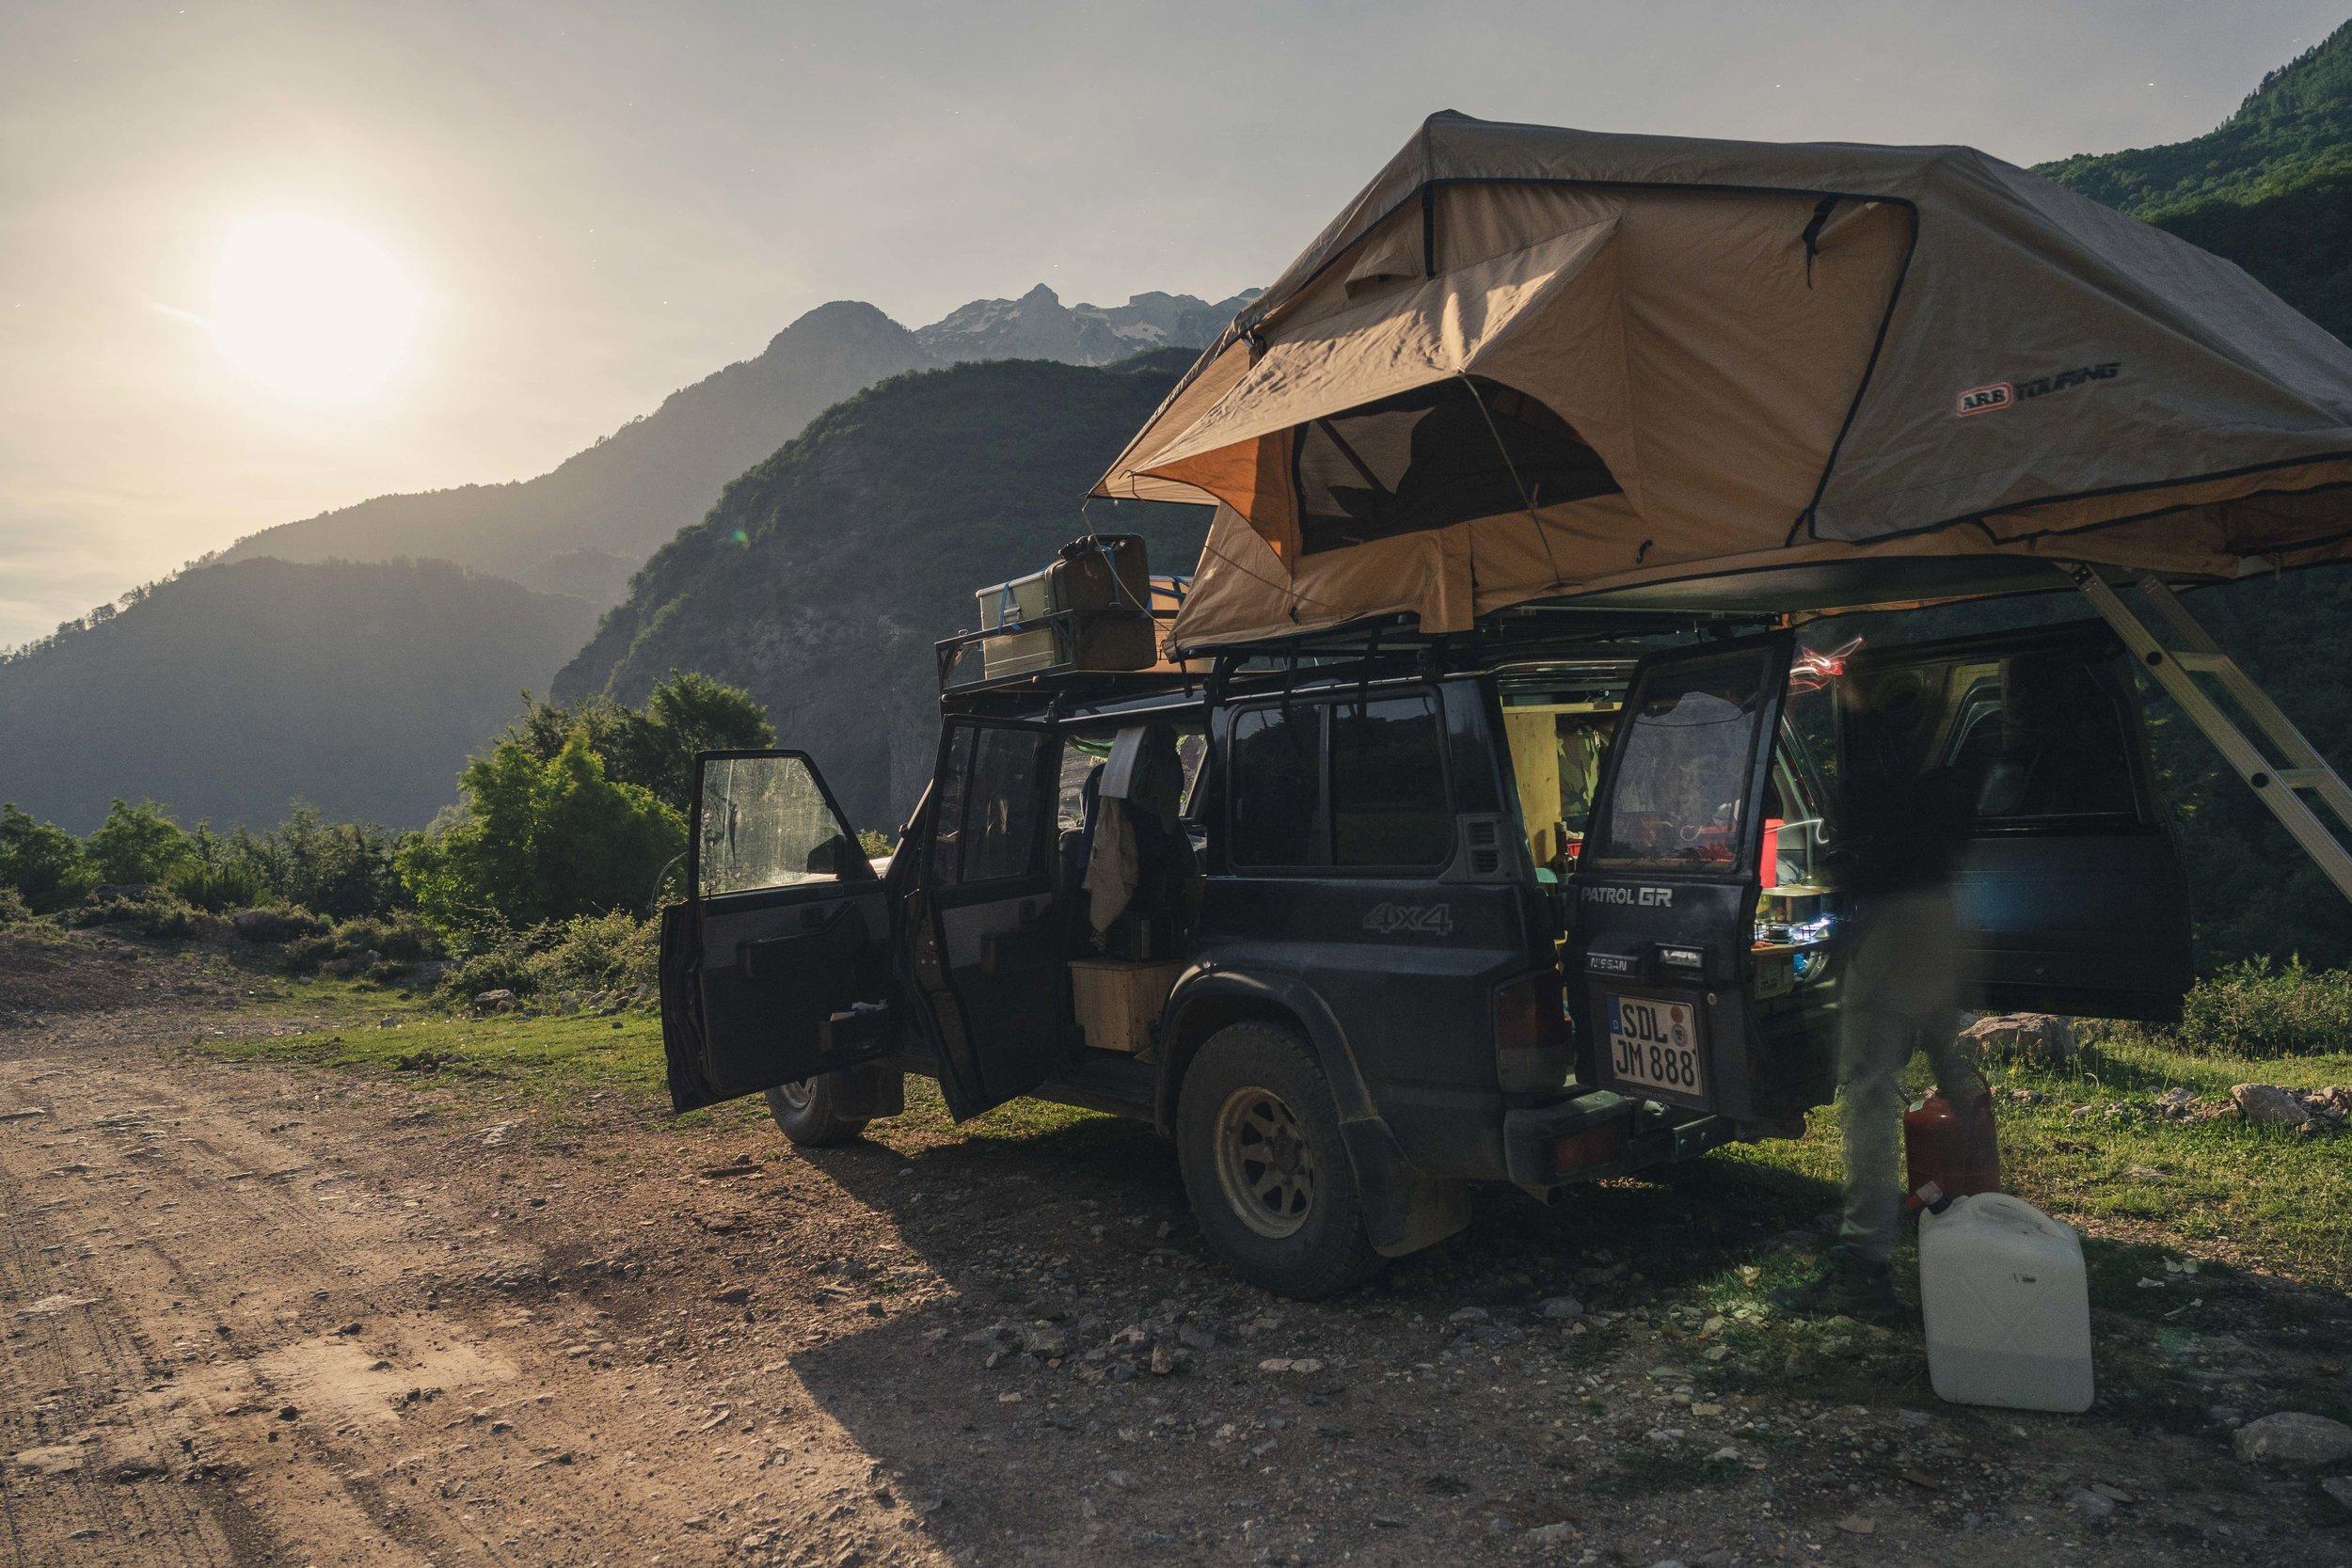 Camping in full moon light, Valbona Valley